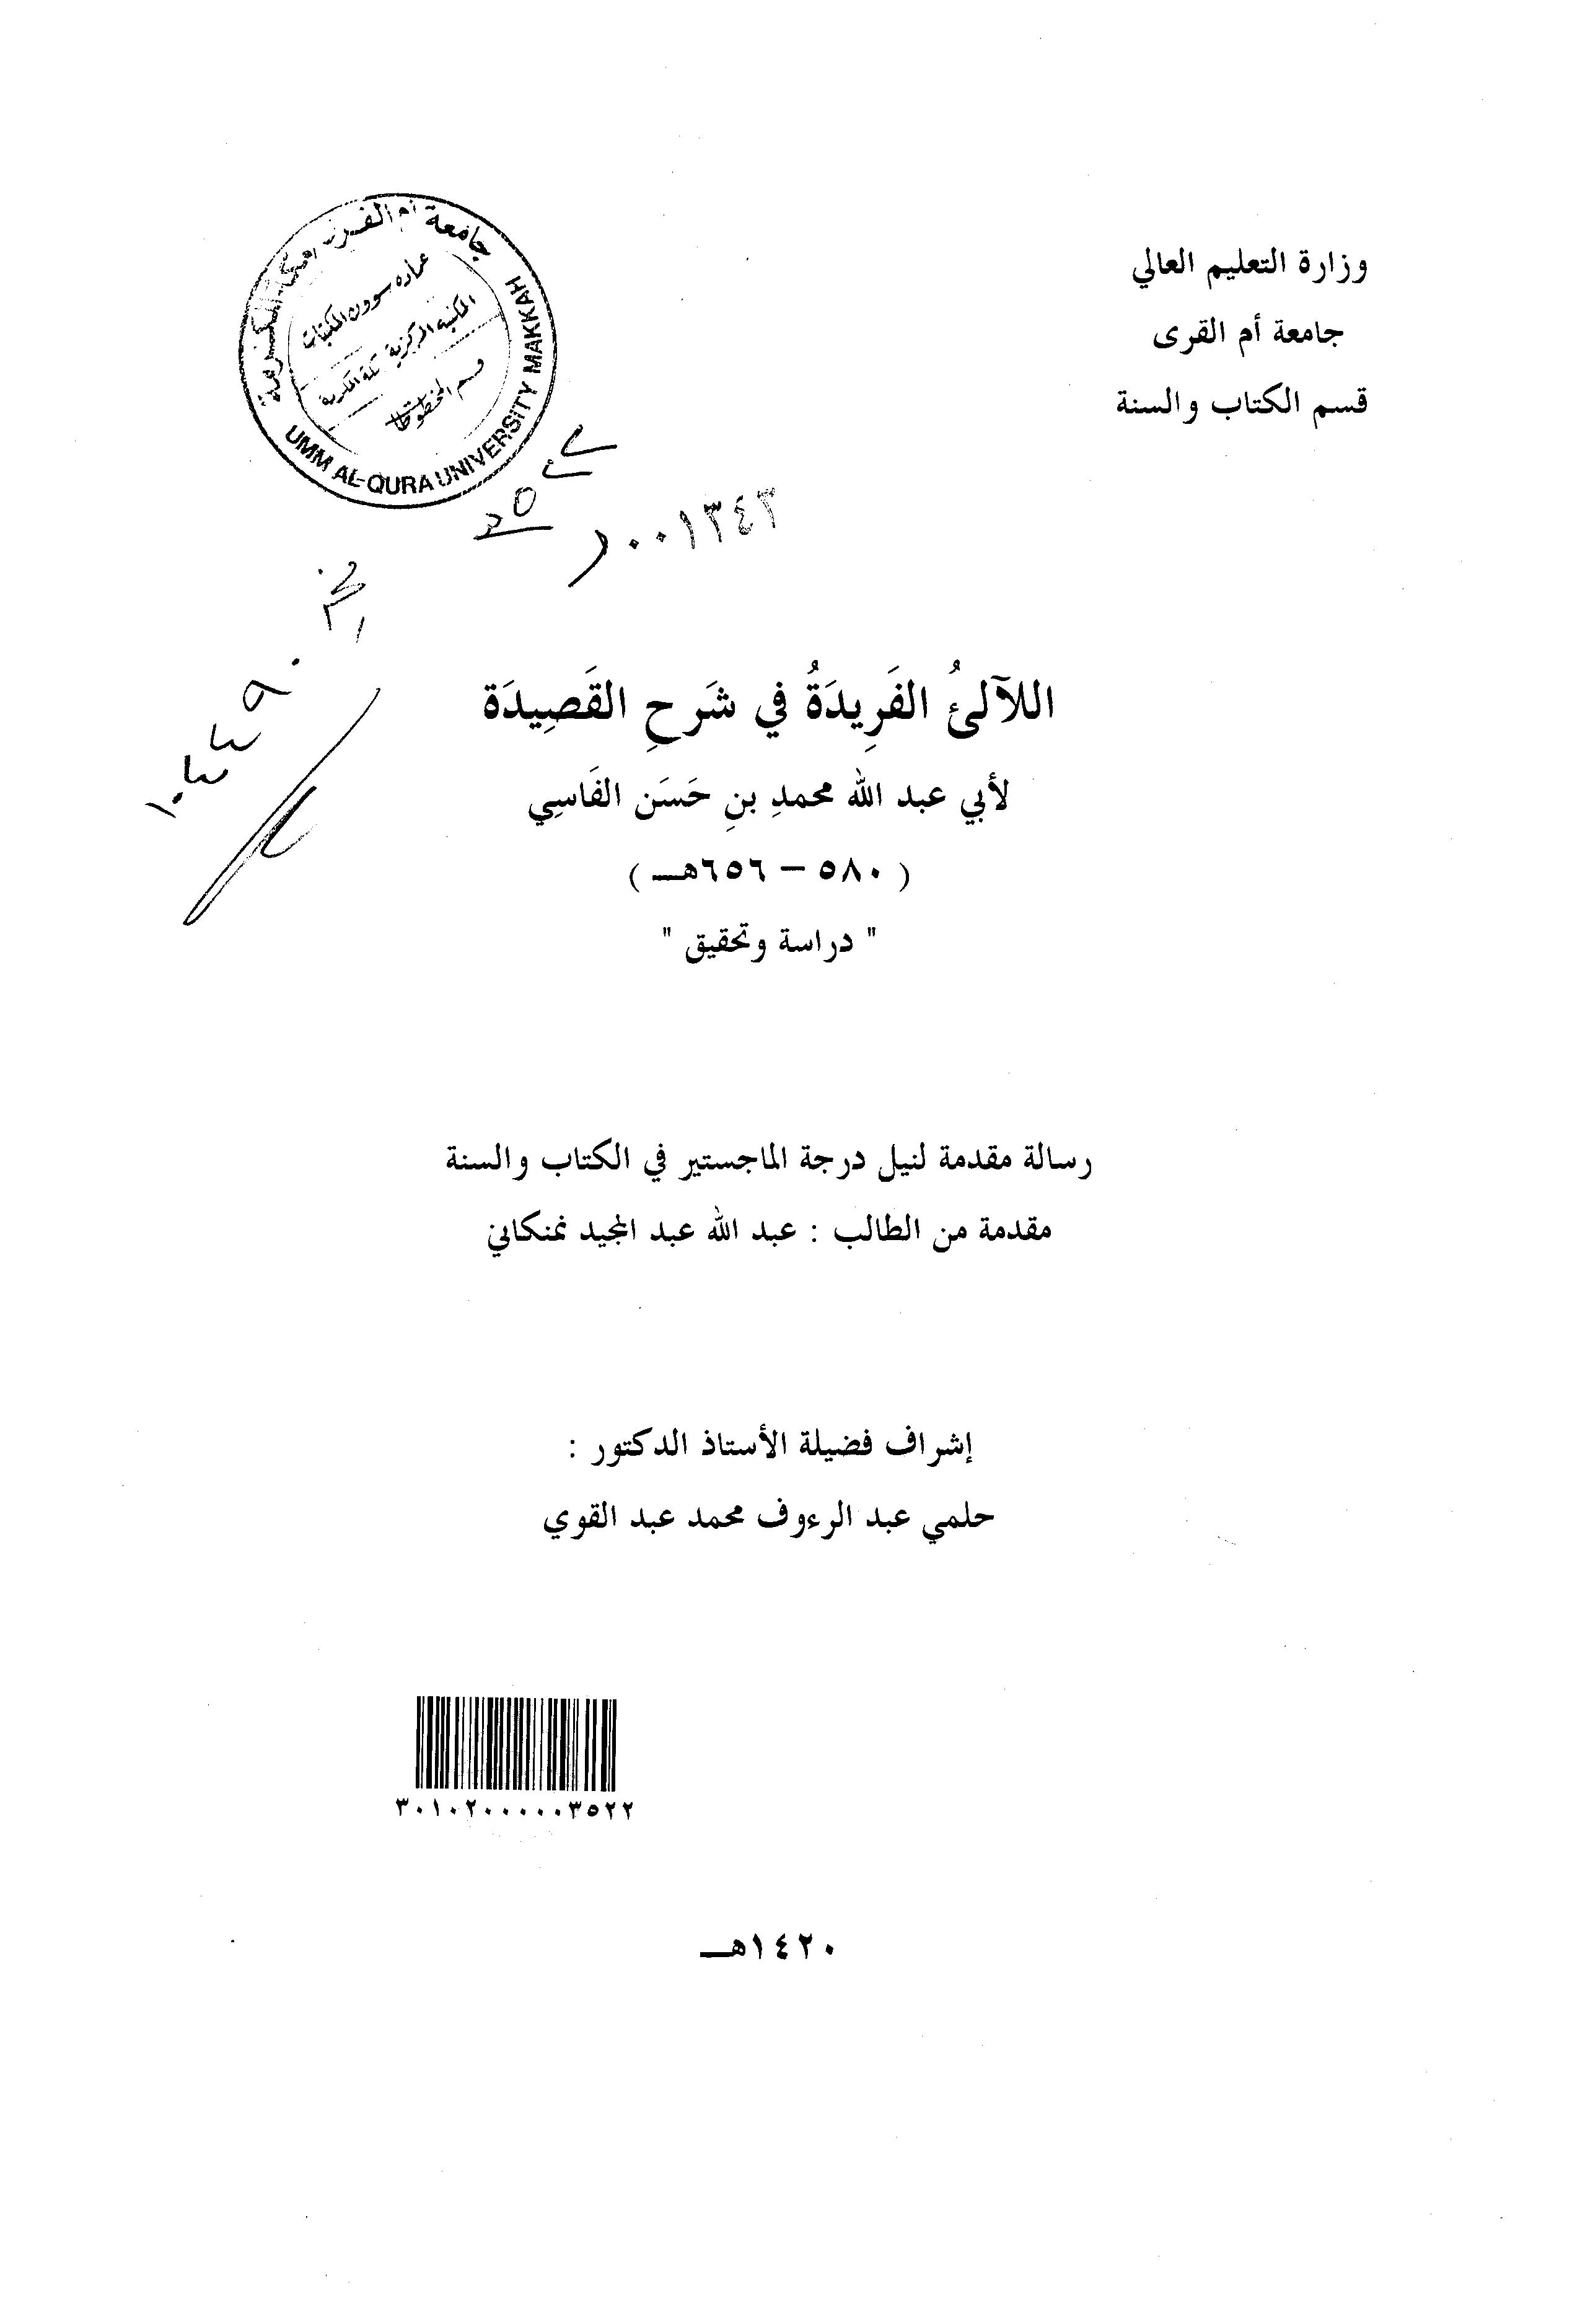 تحميل كتاب اللآلئ الفريدة في شرح القصيدة (دراسة وتحقيق) لـِ: الإمام جمال الدين أبو عبد الله محمد بن حسن بن محمد بن يوسف المقرئ، الفاسي (ت 656)